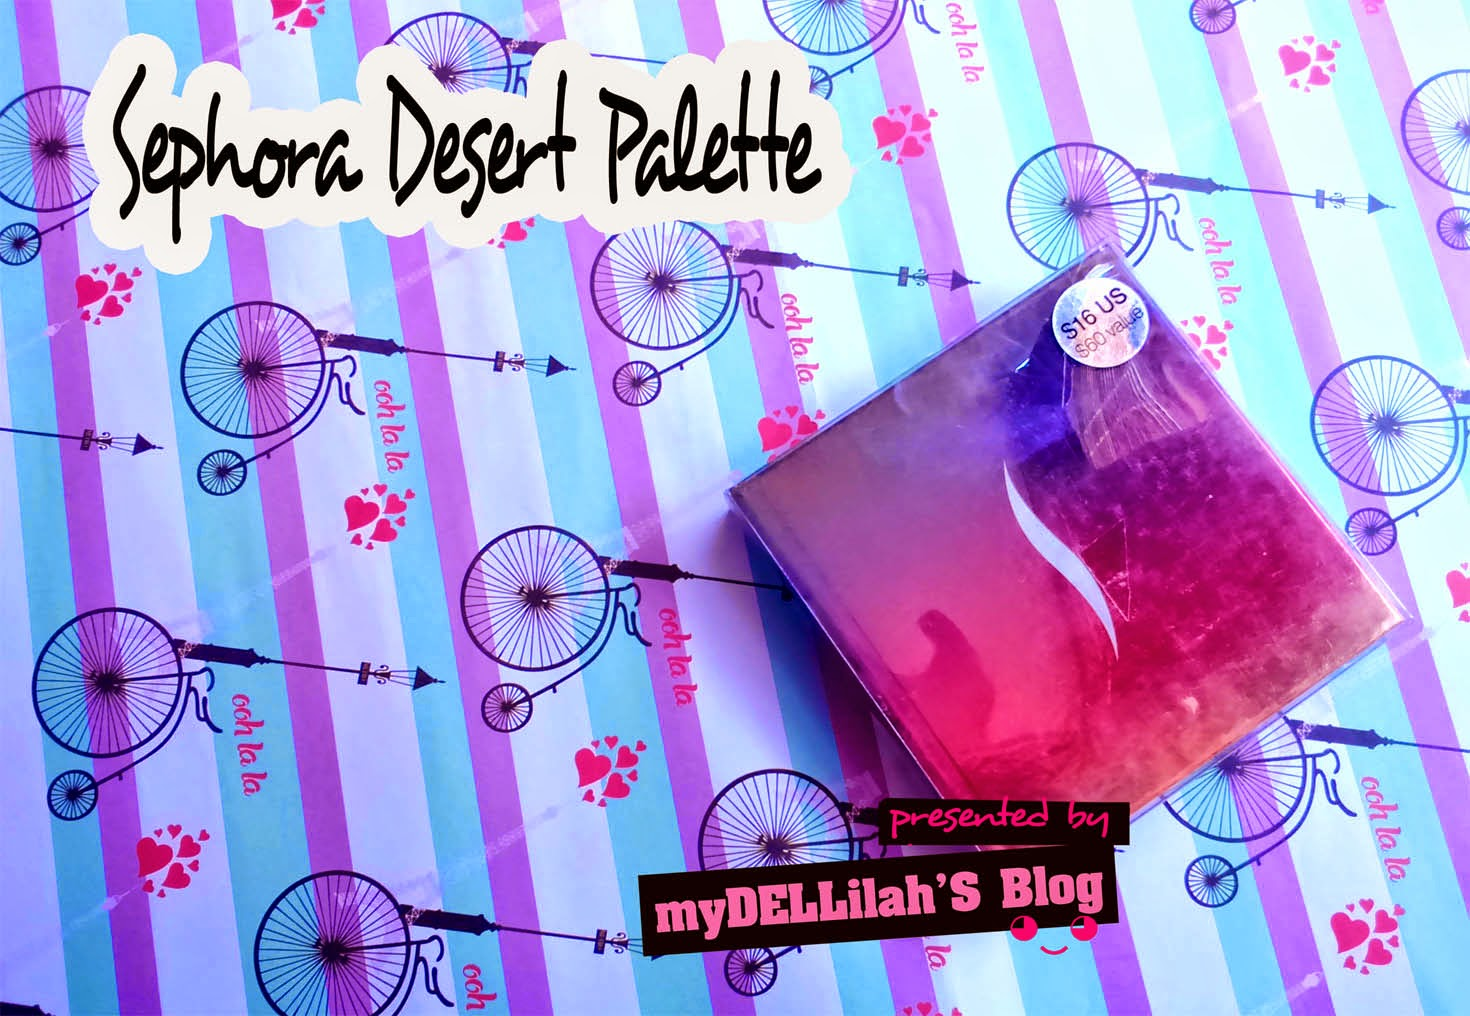 Review Sephora Desert Palette